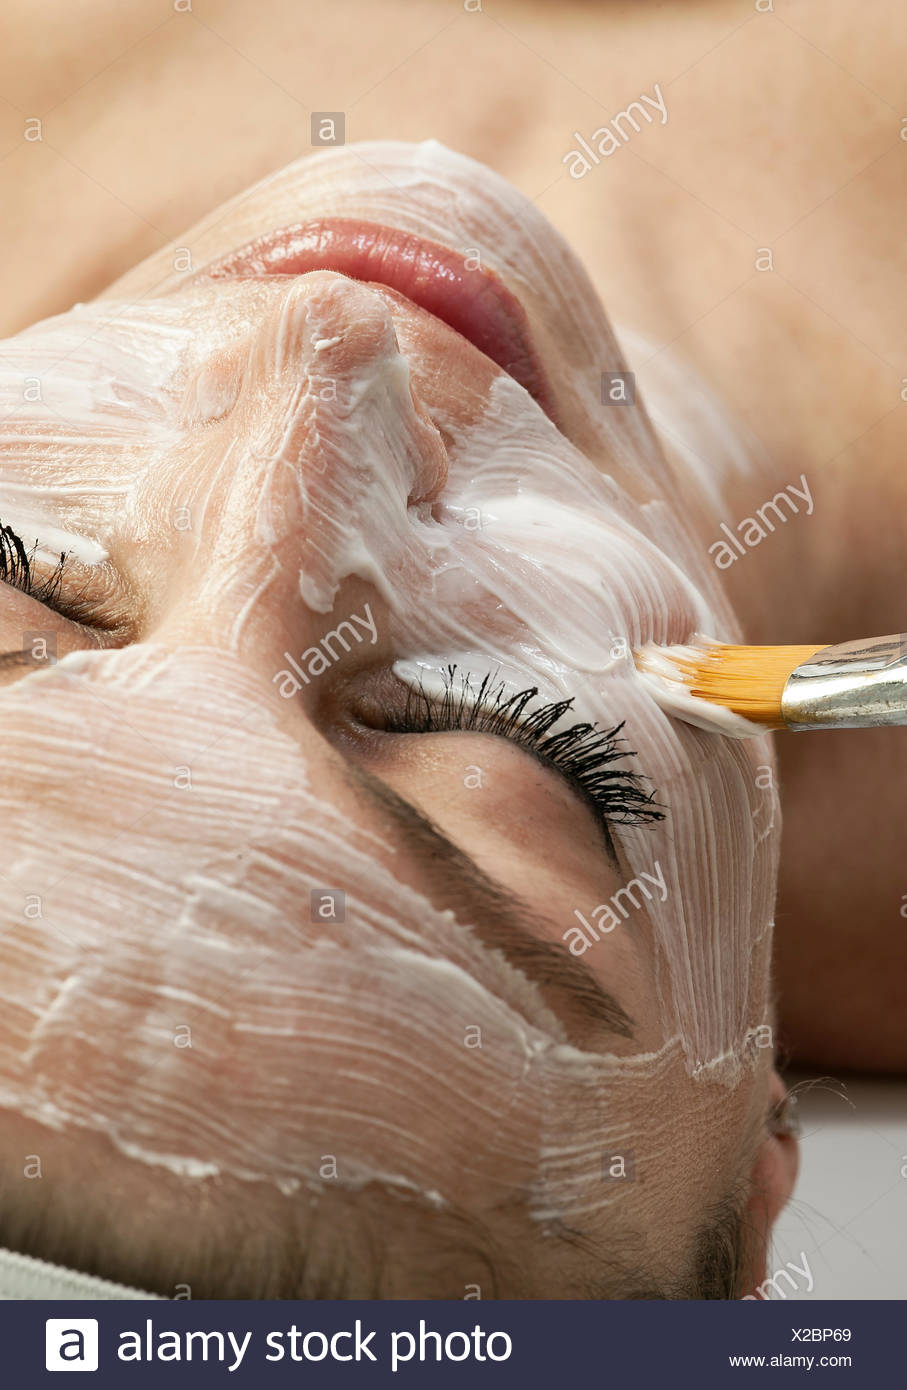 Mujer recibiendo un tratamiento facial en el spa. Foto de stock